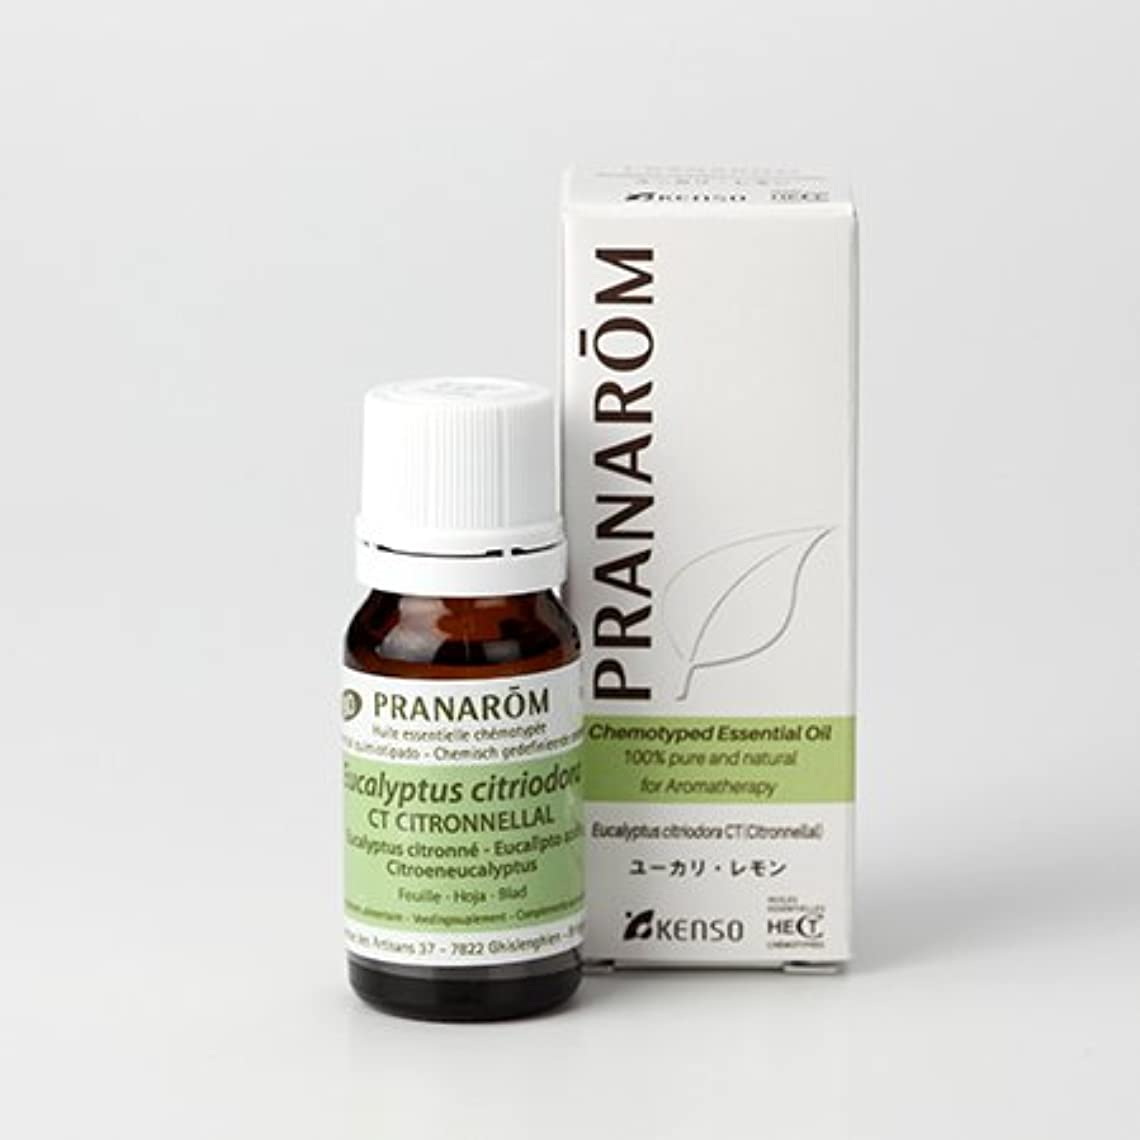 パフライフル家禽プラナロム ( PRANAROM ) 精油 ユーカリ?レモン 10ml p-65 ユーカリレモン